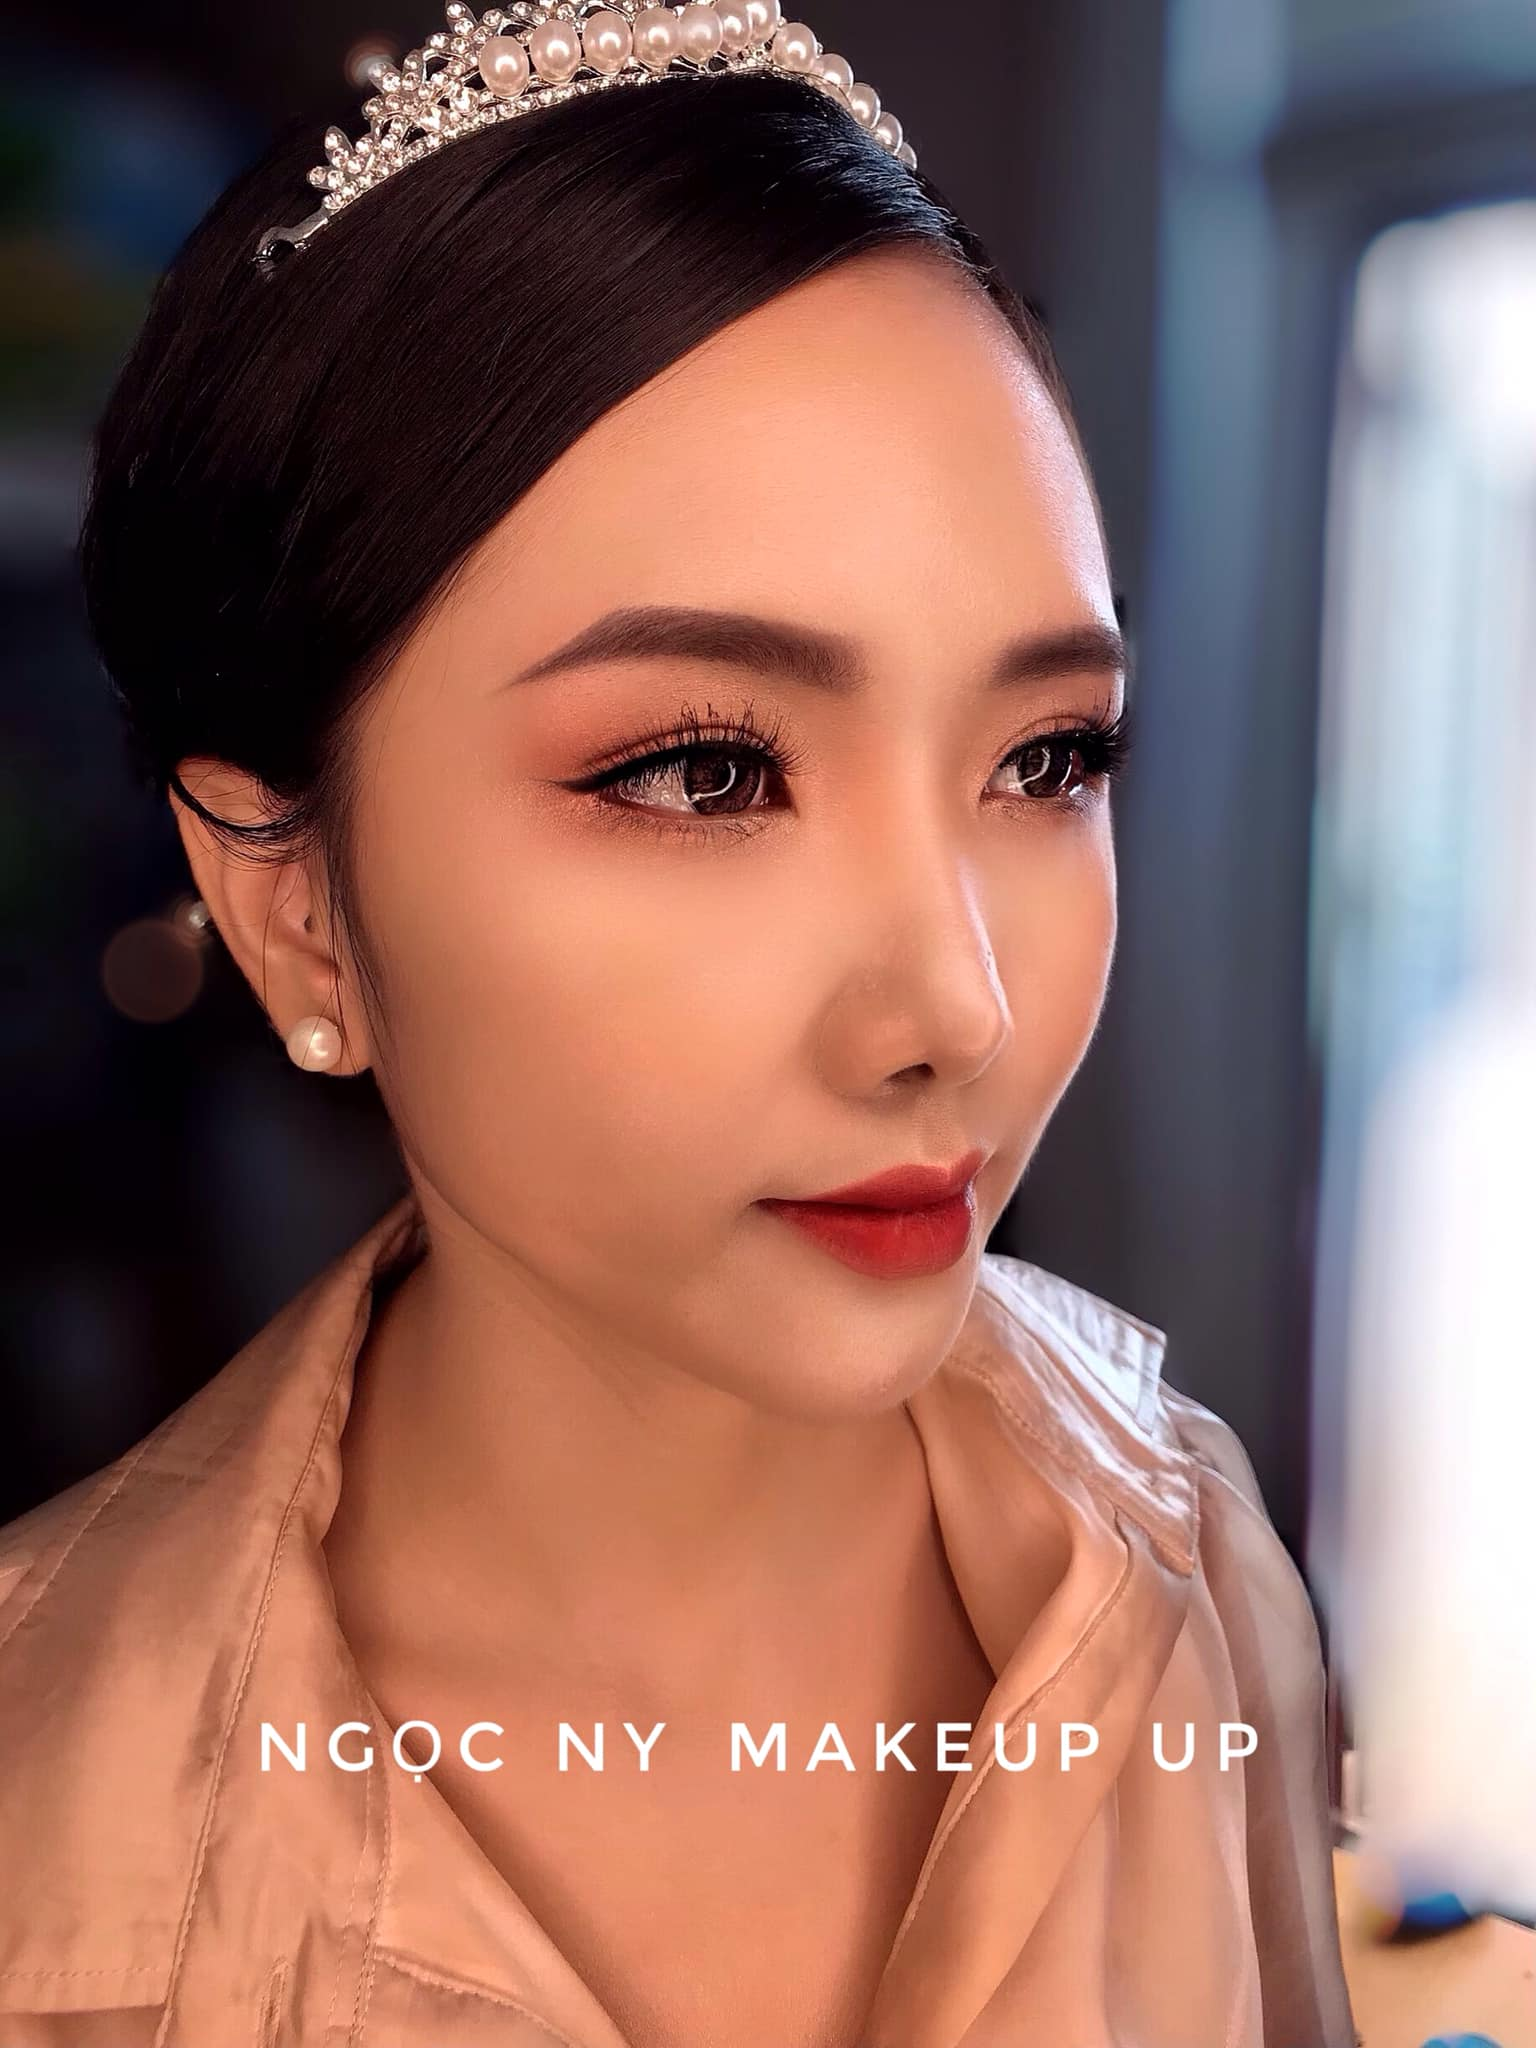 Top 7  tiệm trang điểm cô dâu đẹp nhất tại Vũng Tàu -  Ngọc Ny Make Up